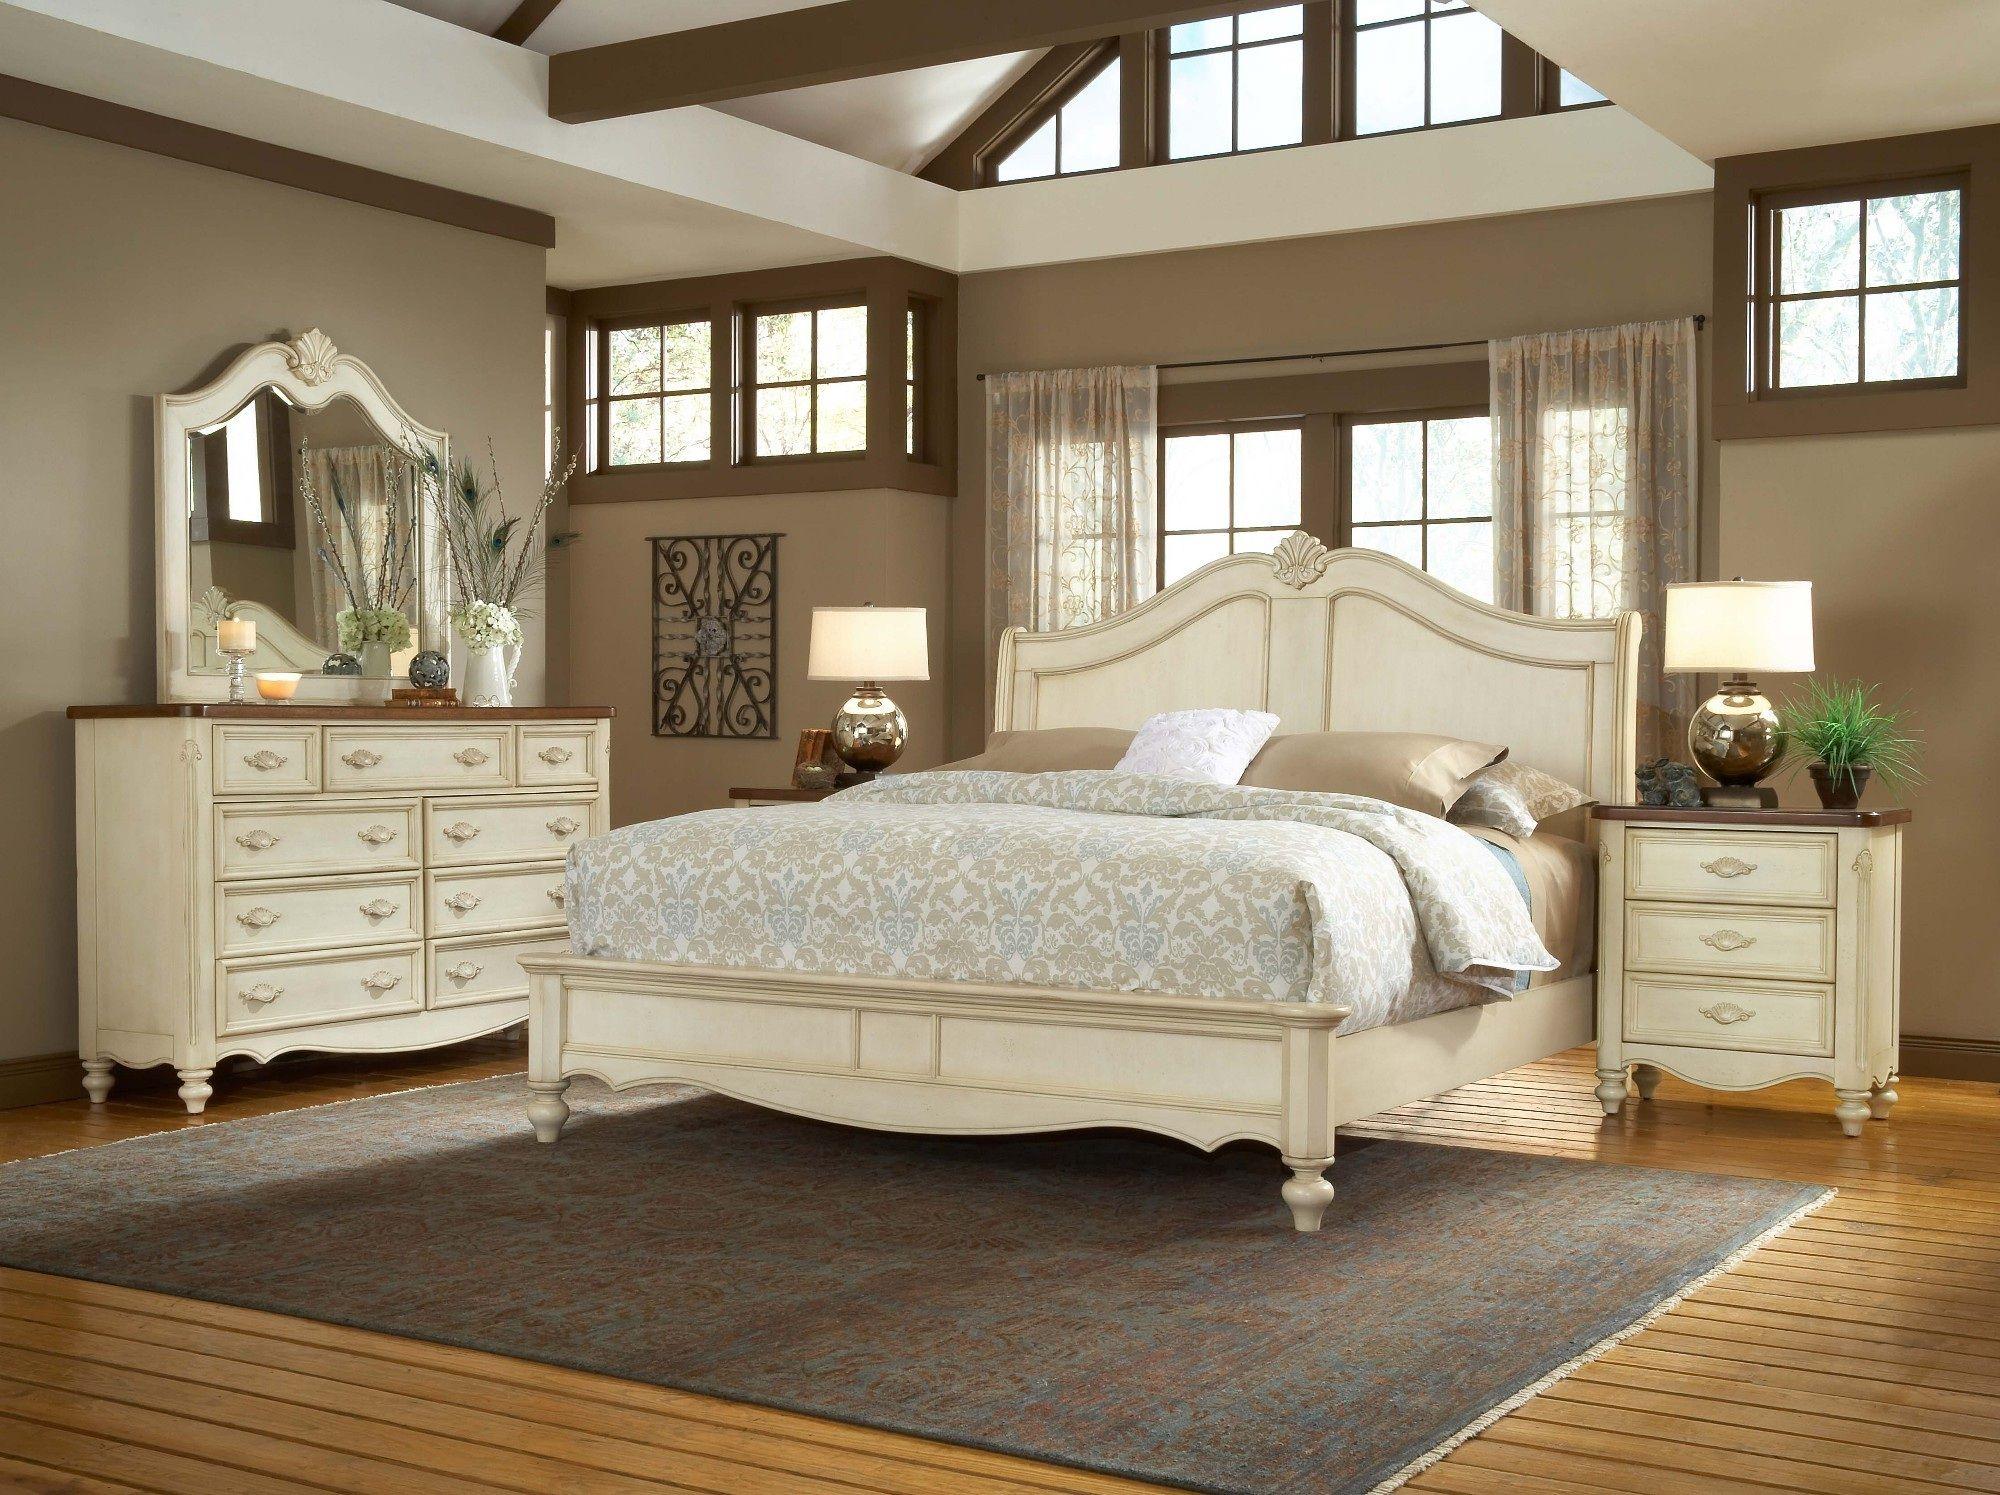 Enchanting Ikea Bedroom Sets Arranging Bedroom Furniture